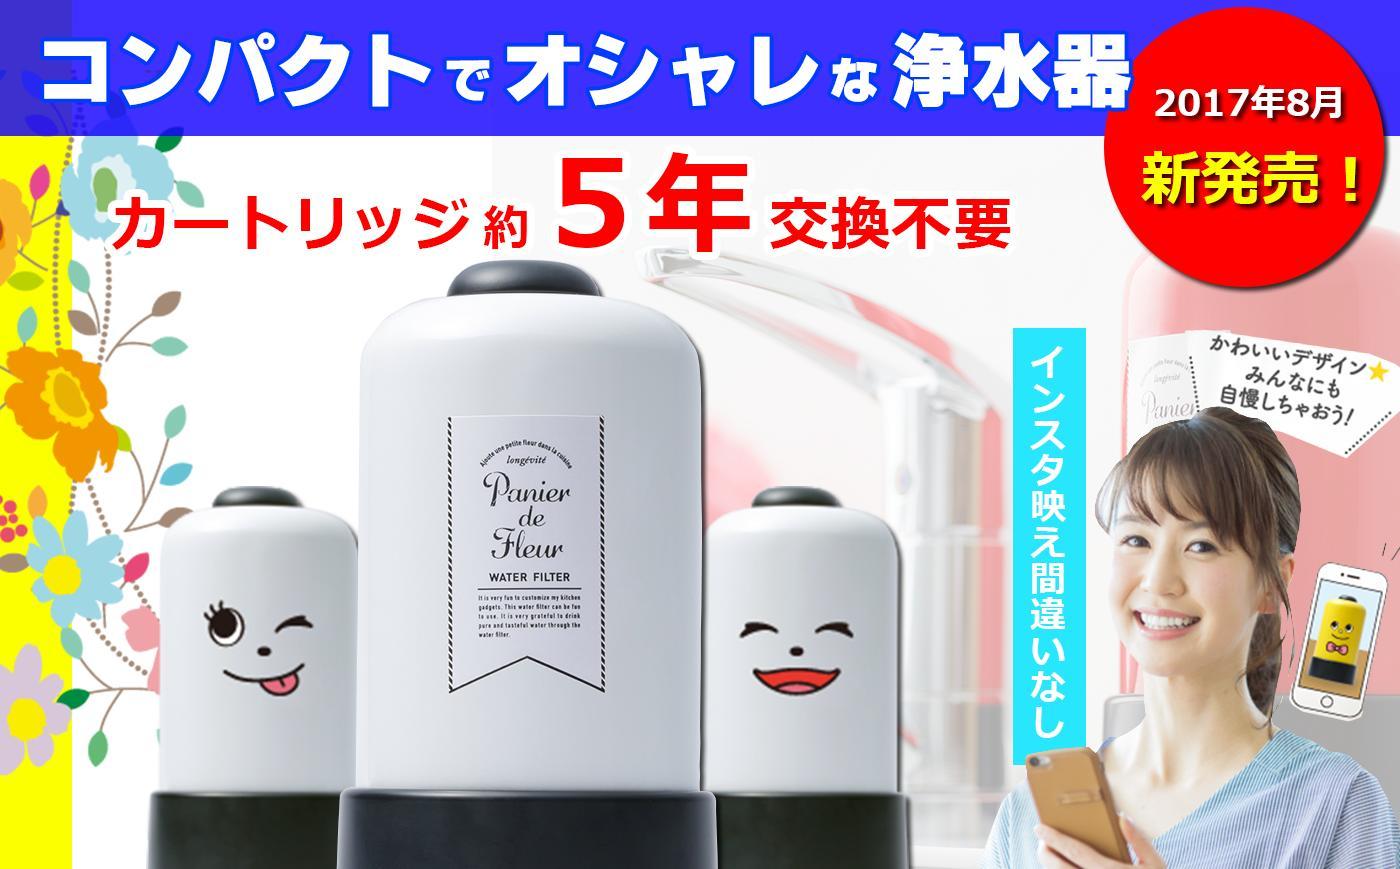 【ふるさと納税】コンパクトでオシャレな浄水器パニエ・ド・フルール(ユリ)